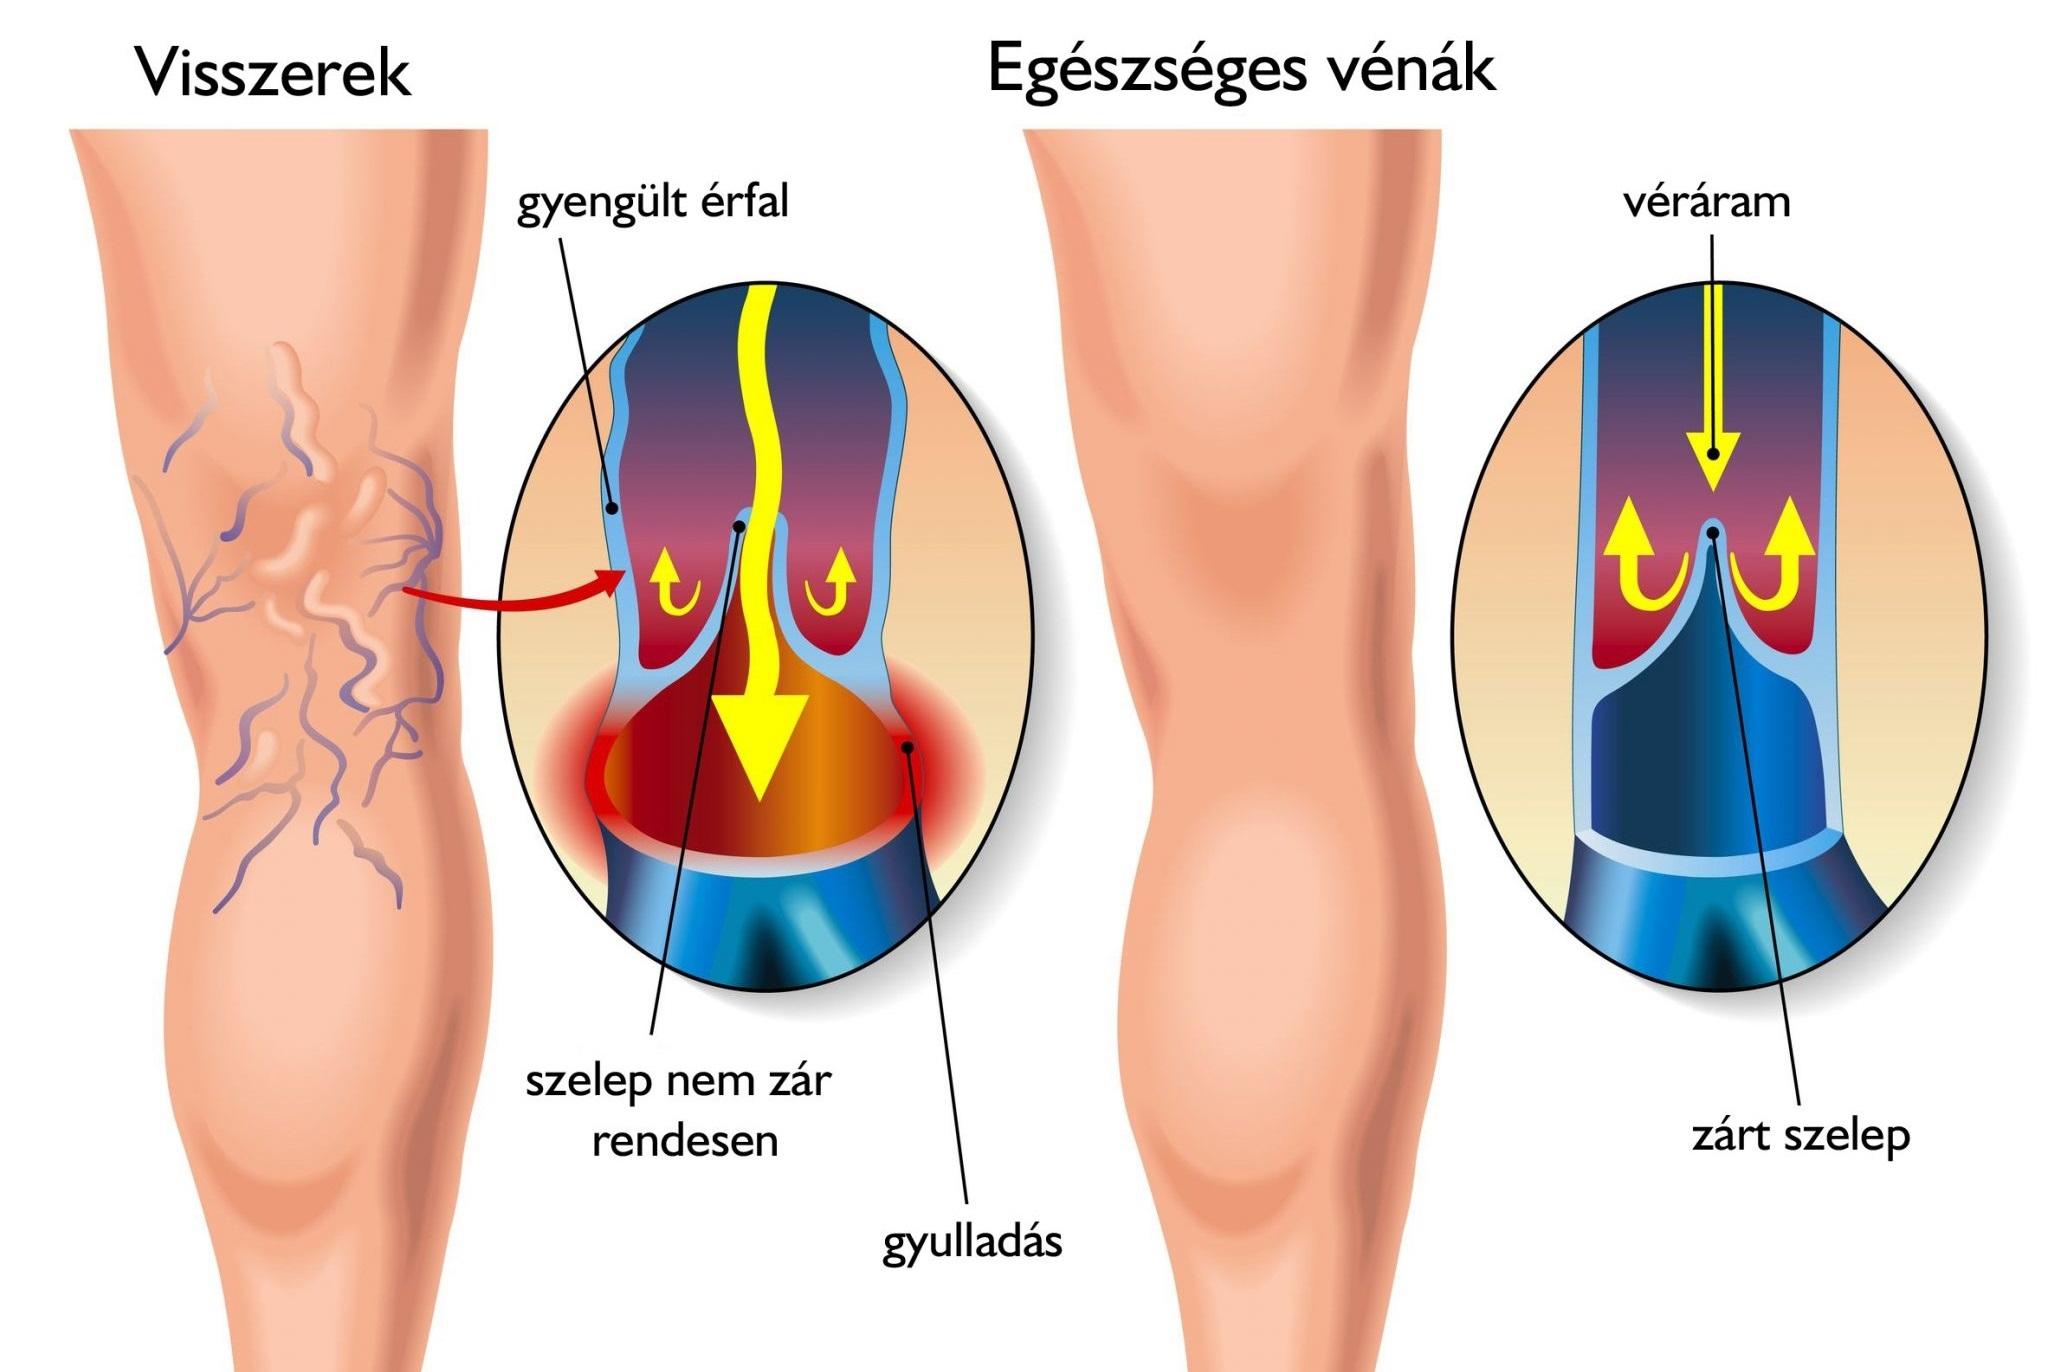 Műtéti tájékoztató